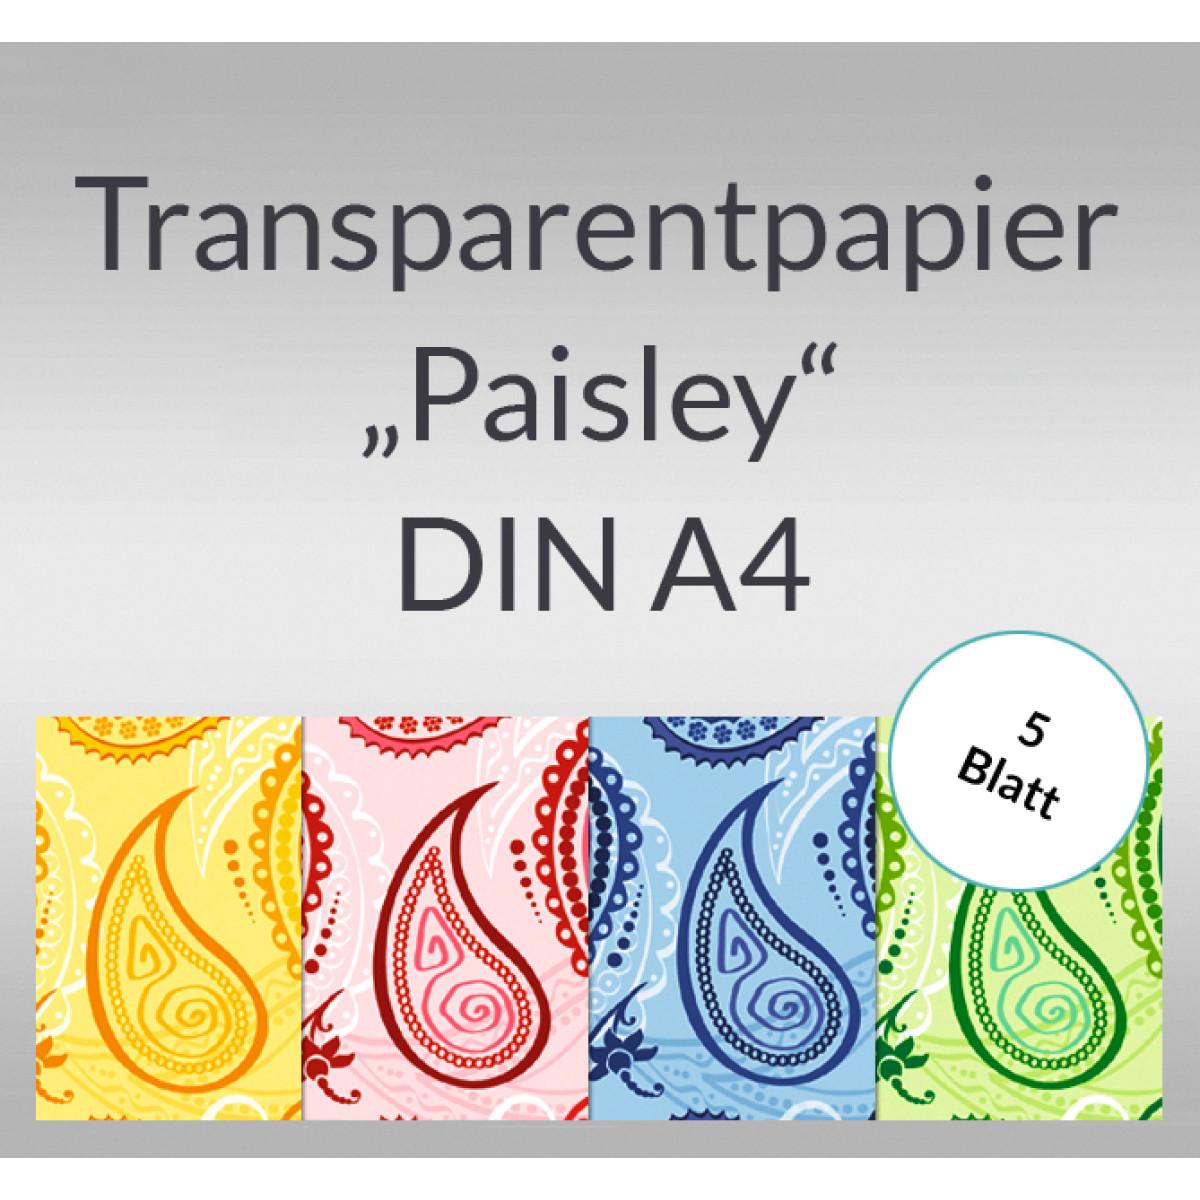 Transparentpapier paisley din a4 5 blatt buntpapierwelt - Fensterbilder transparentpapier ...